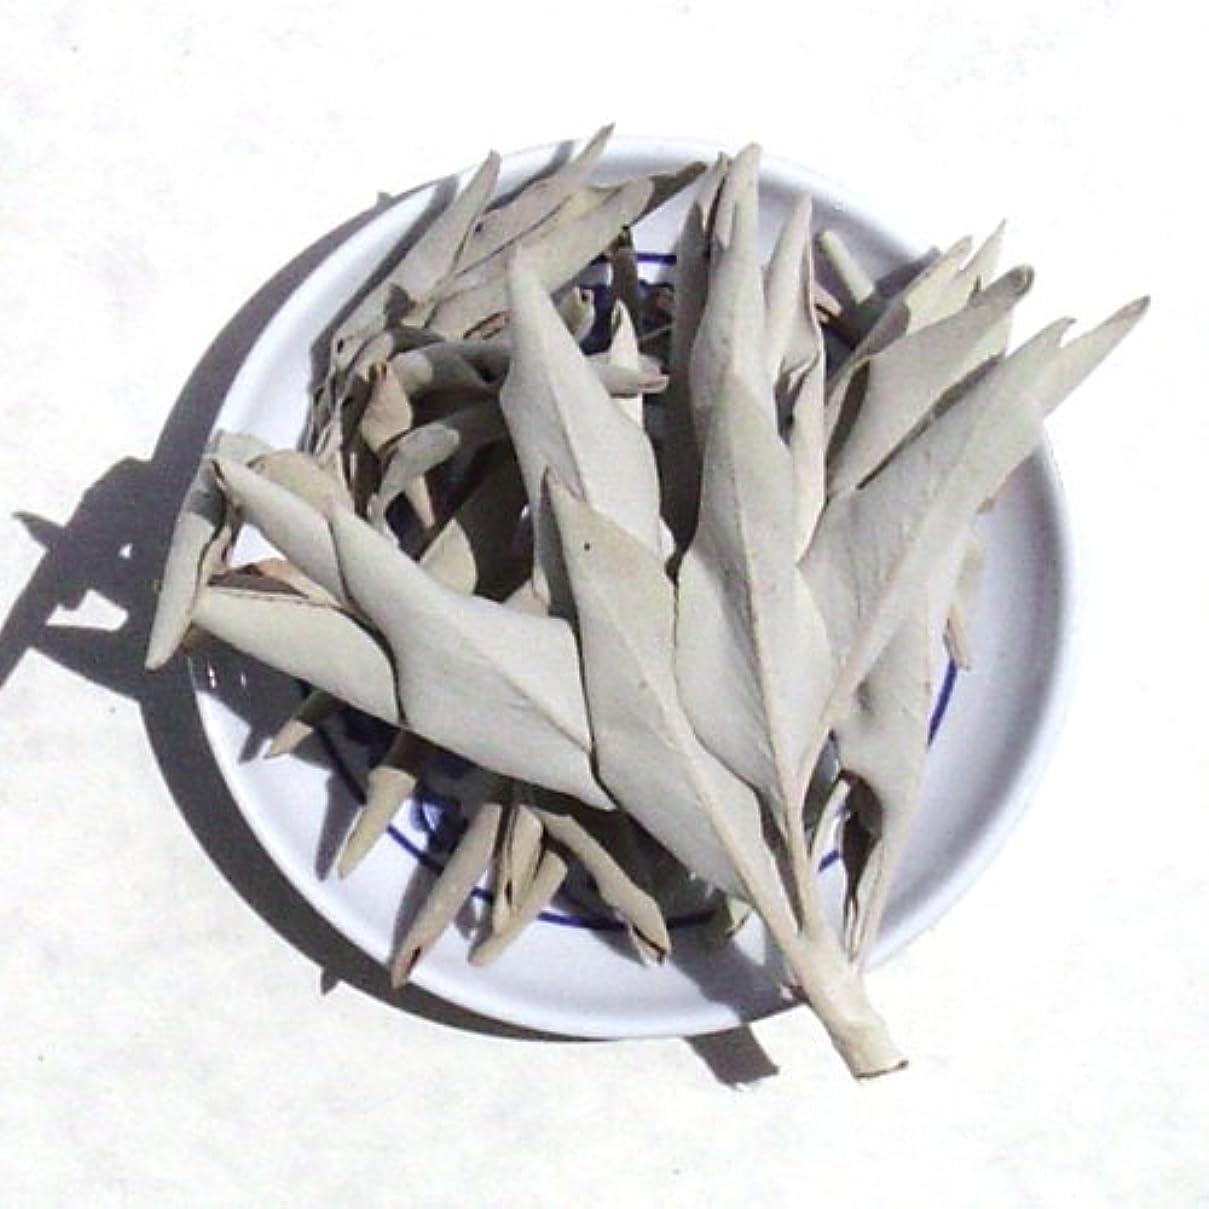 ホワイトセージLoose Incenseクラスタ – Sold As 1ポンドパッケージ